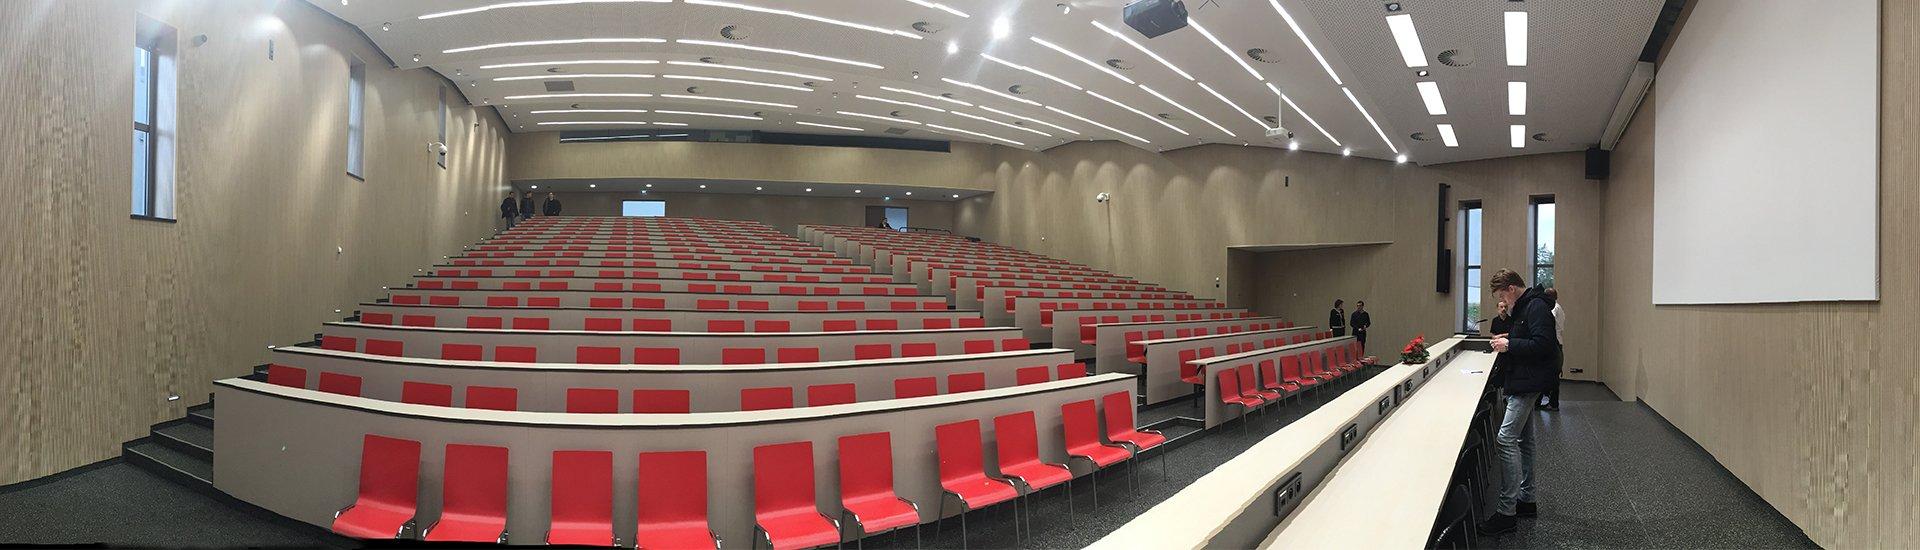 Aula fakulty informatiky a informačných technológii